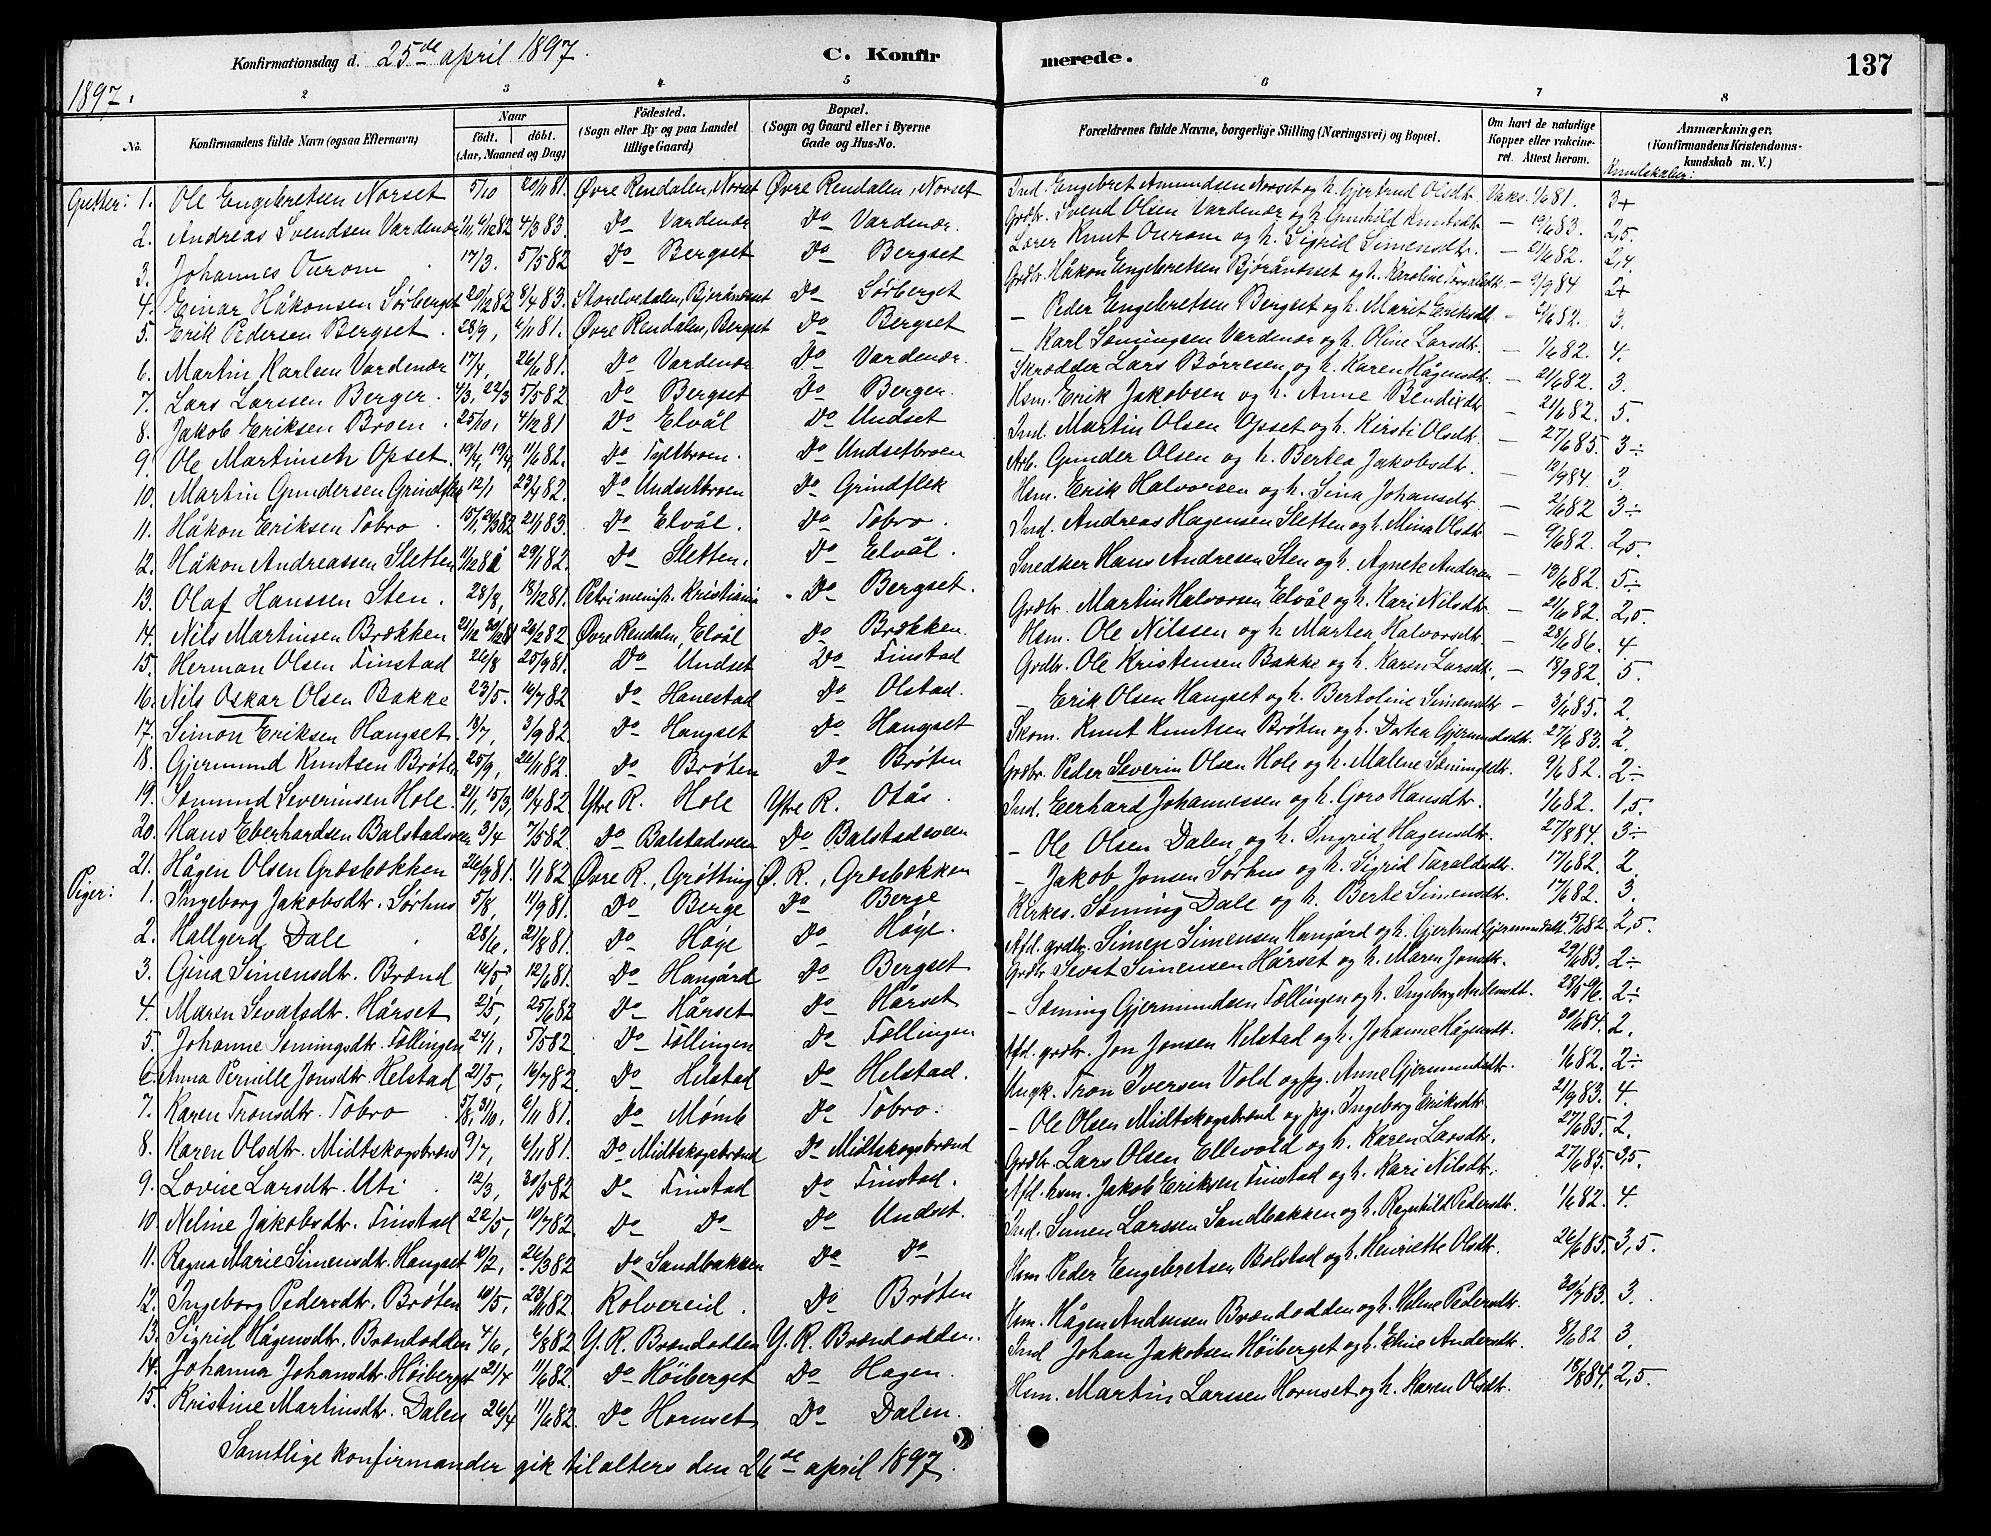 SAH, Rendalen prestekontor, H/Ha/Hab/L0003: Klokkerbok nr. 3, 1879-1904, s. 137